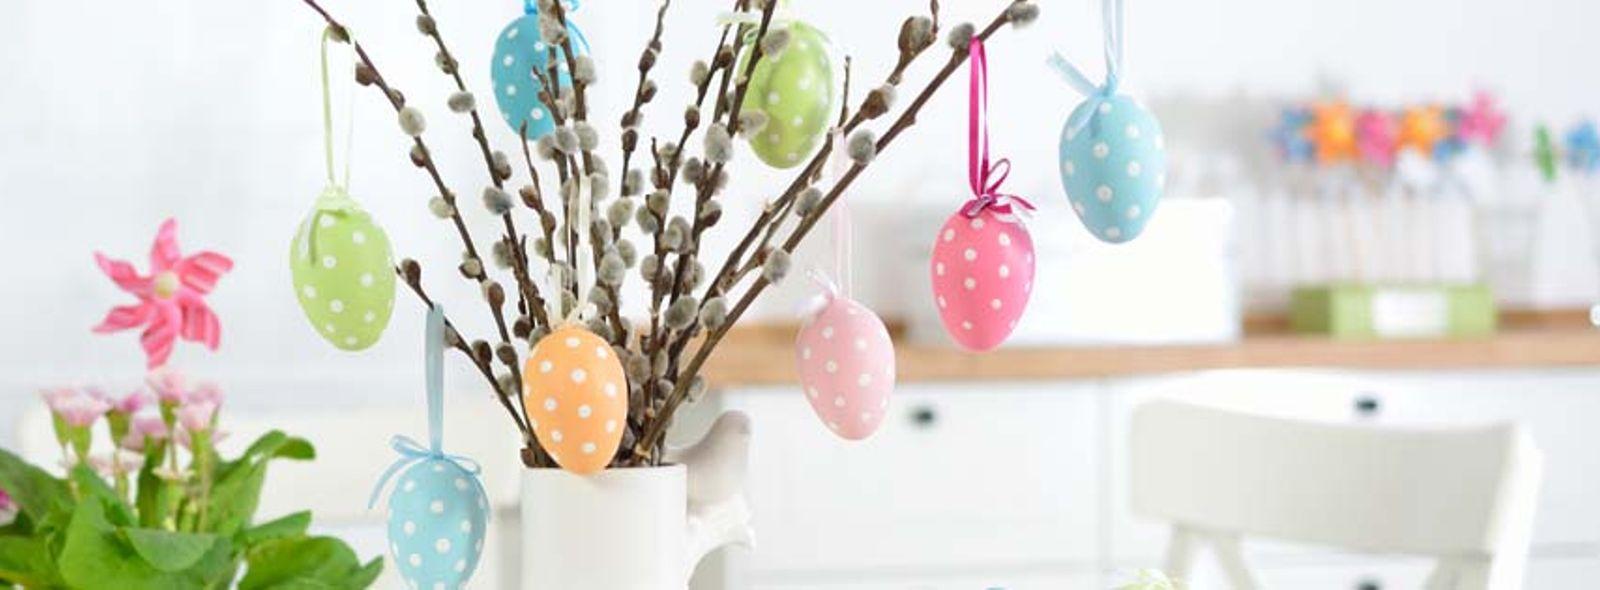 Come decorare la tavola a Pasqua